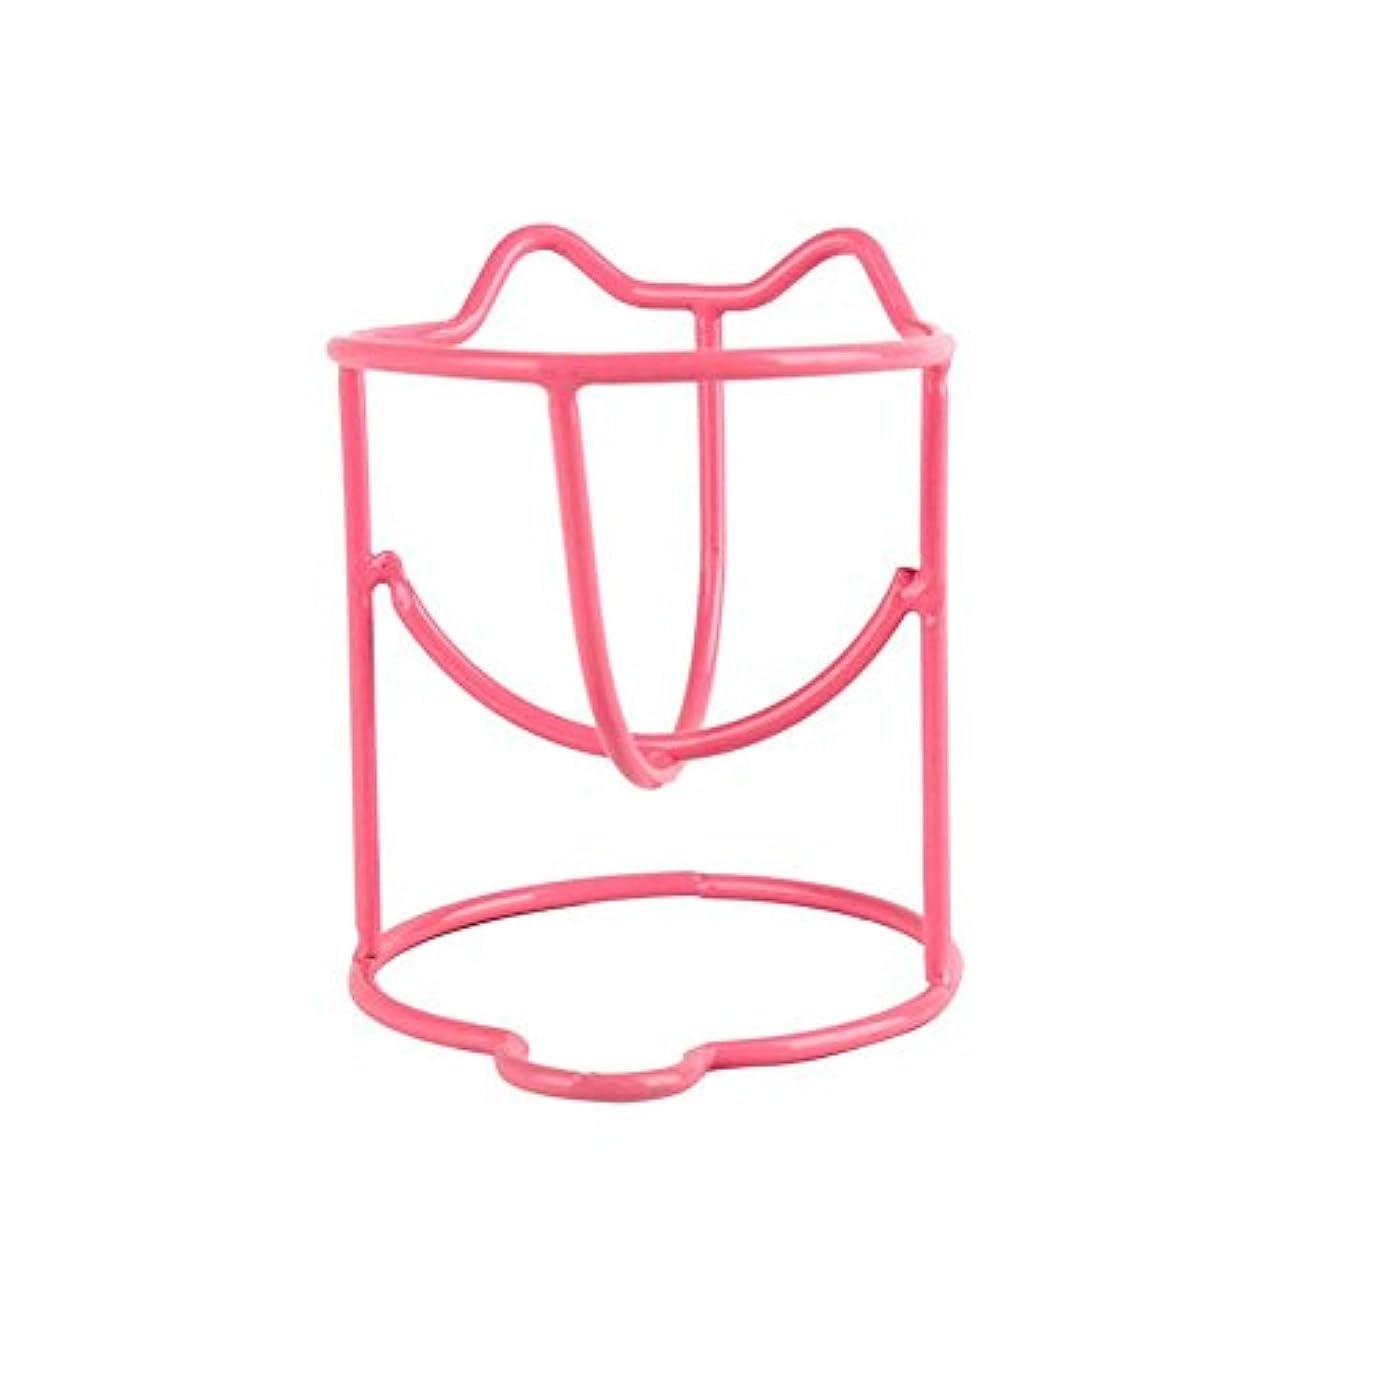 インスタント加速する項目ファッションメイク卵パウダーパフスポンジディスプレイスタンド乾燥ホルダーラックのセット